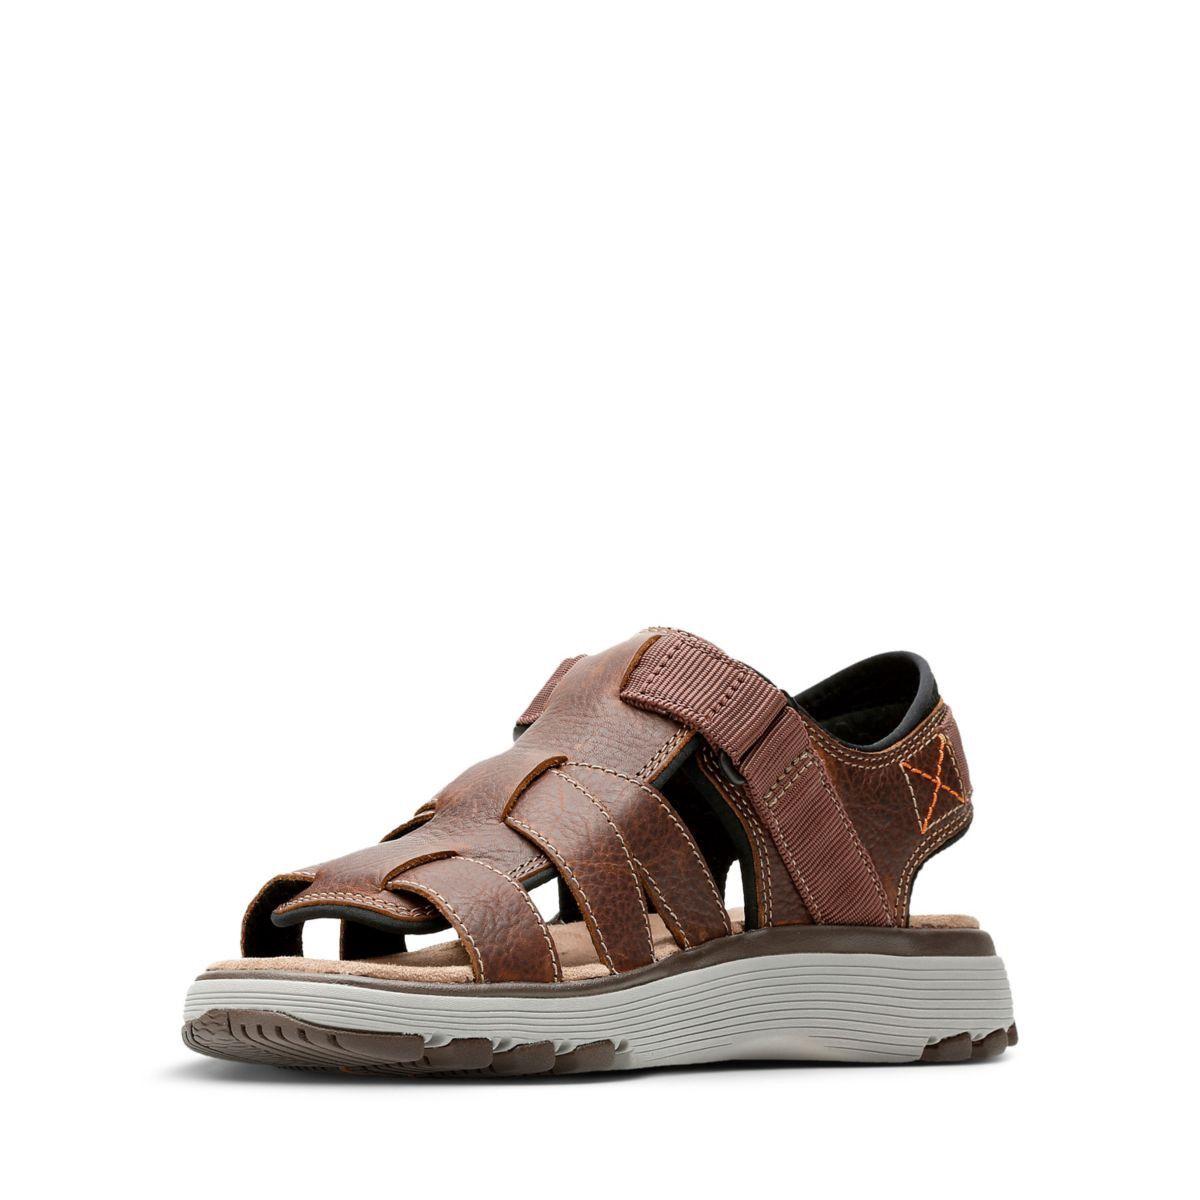 082287ffc Clarks Un Trek Cove - Mens Sport Sandals Dark Tan Leather 10.5 ...